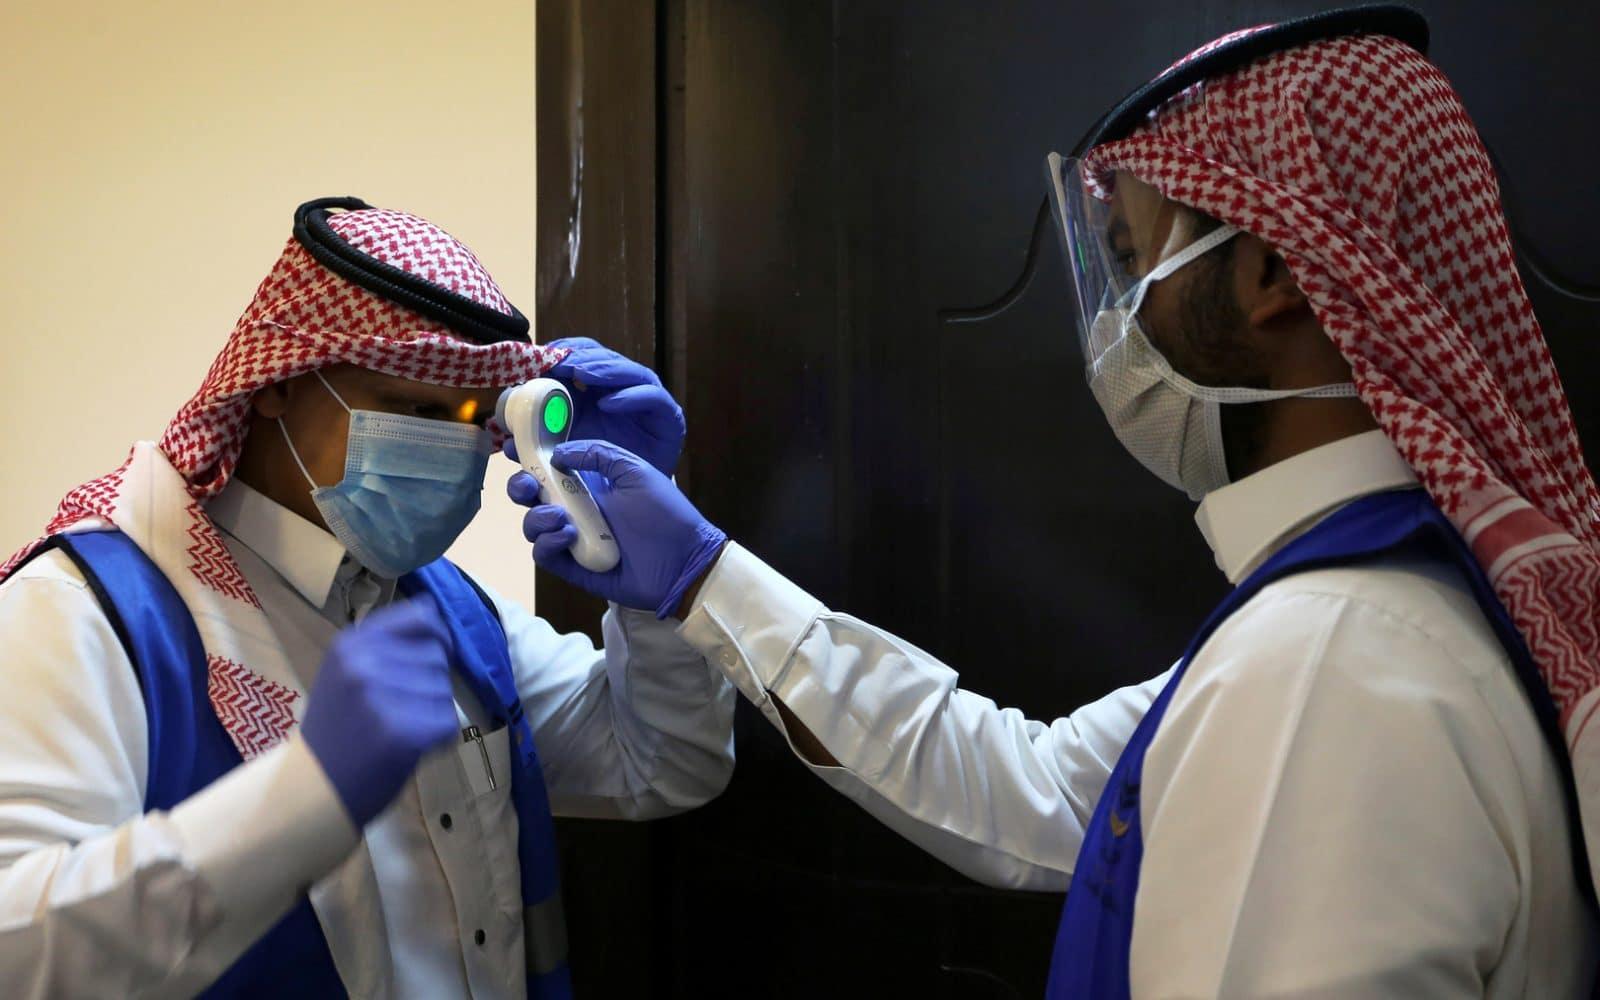 السعودية تسجل 37 وفاة و3379 إصابة جديدة بكورونا